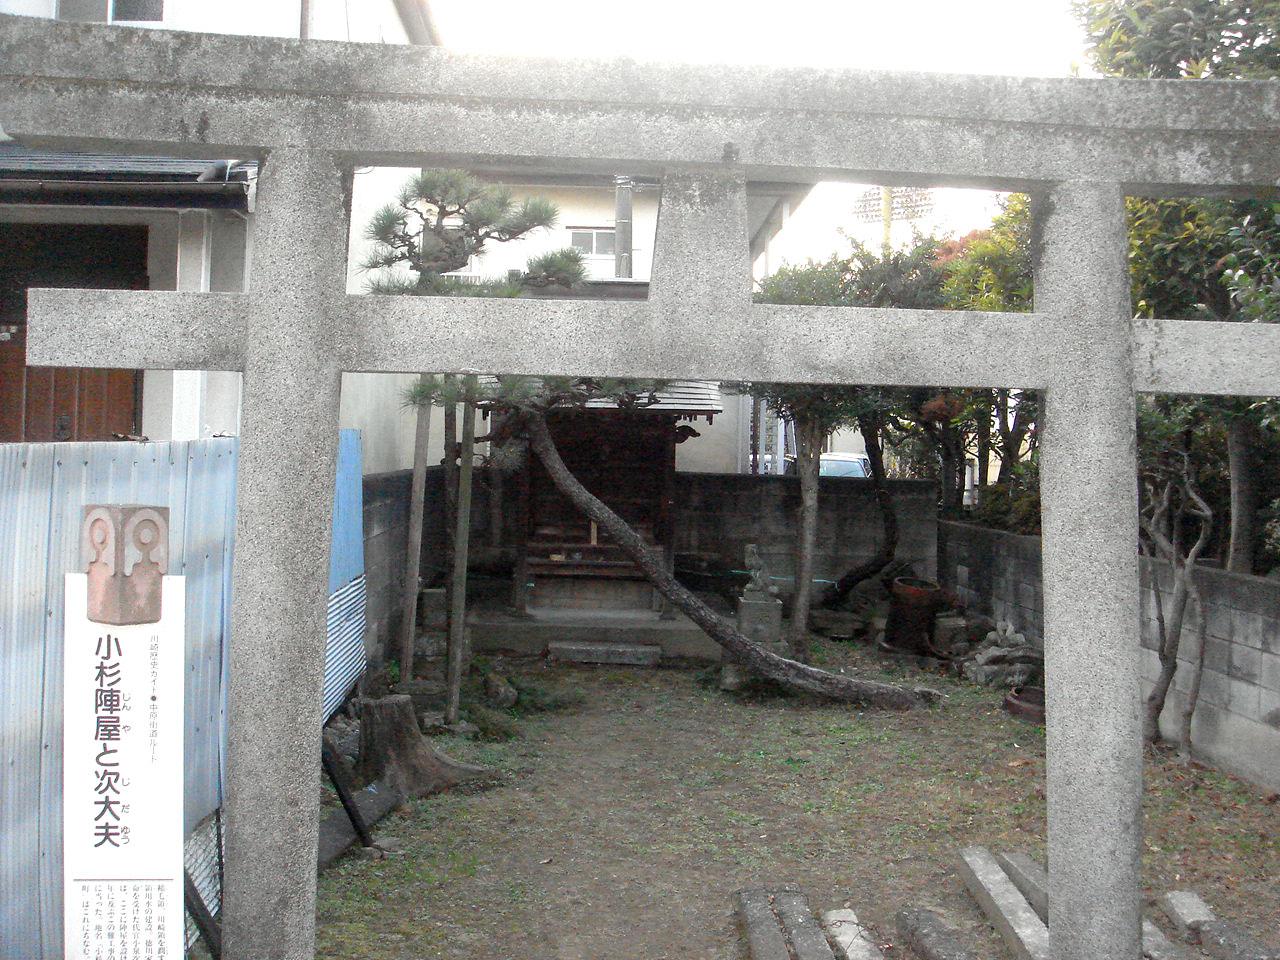 武蔵 小杉陣屋(川崎市)